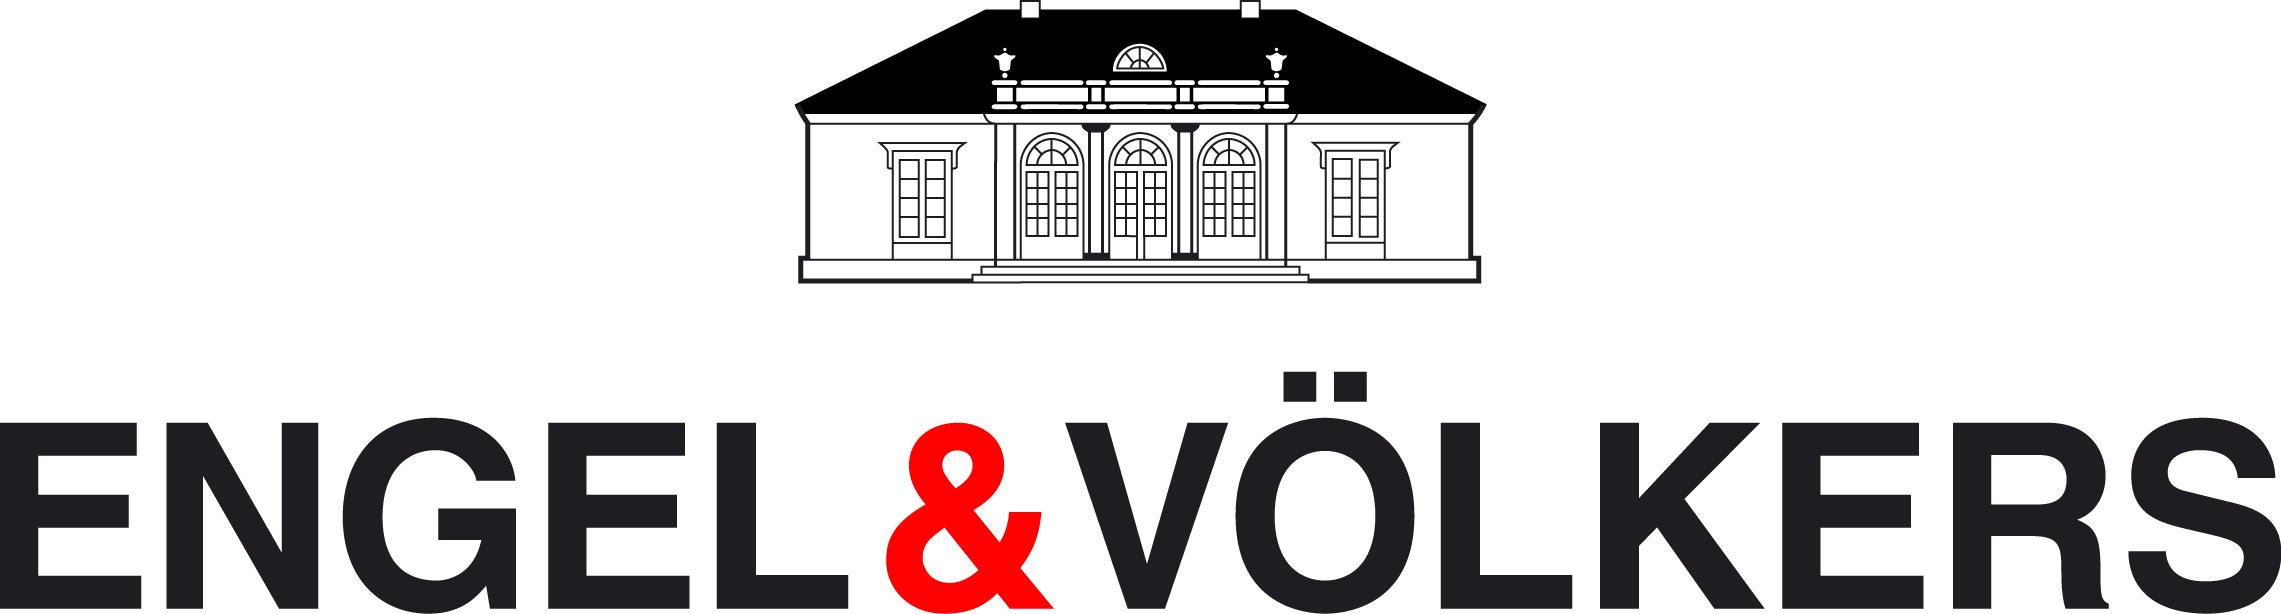 Hier sehen Sie das Logo von Engel & Völkers Villingen-Schwenningen, Rohwer Immobilien